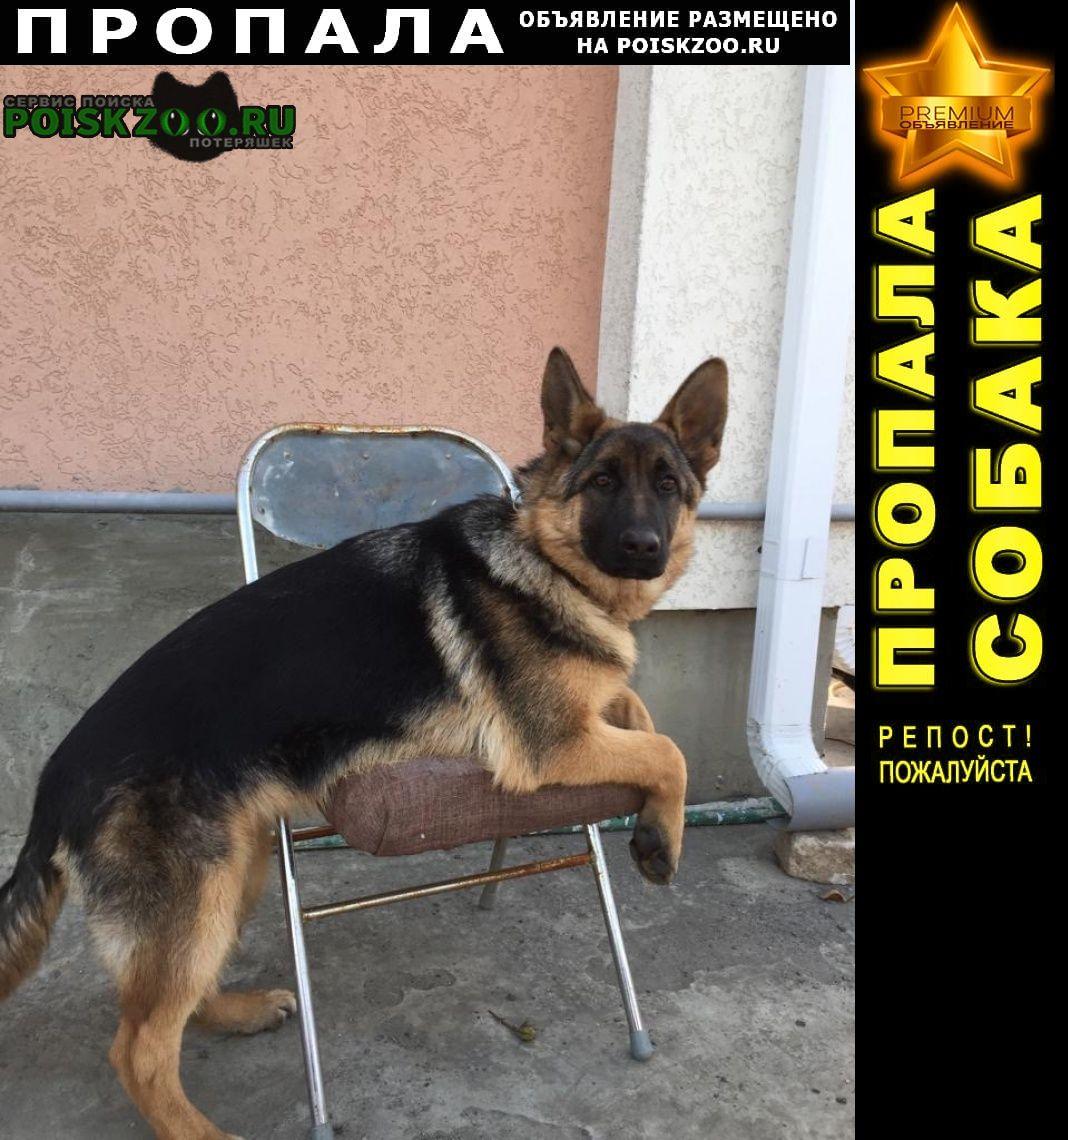 Пропала собака г.Семилуки